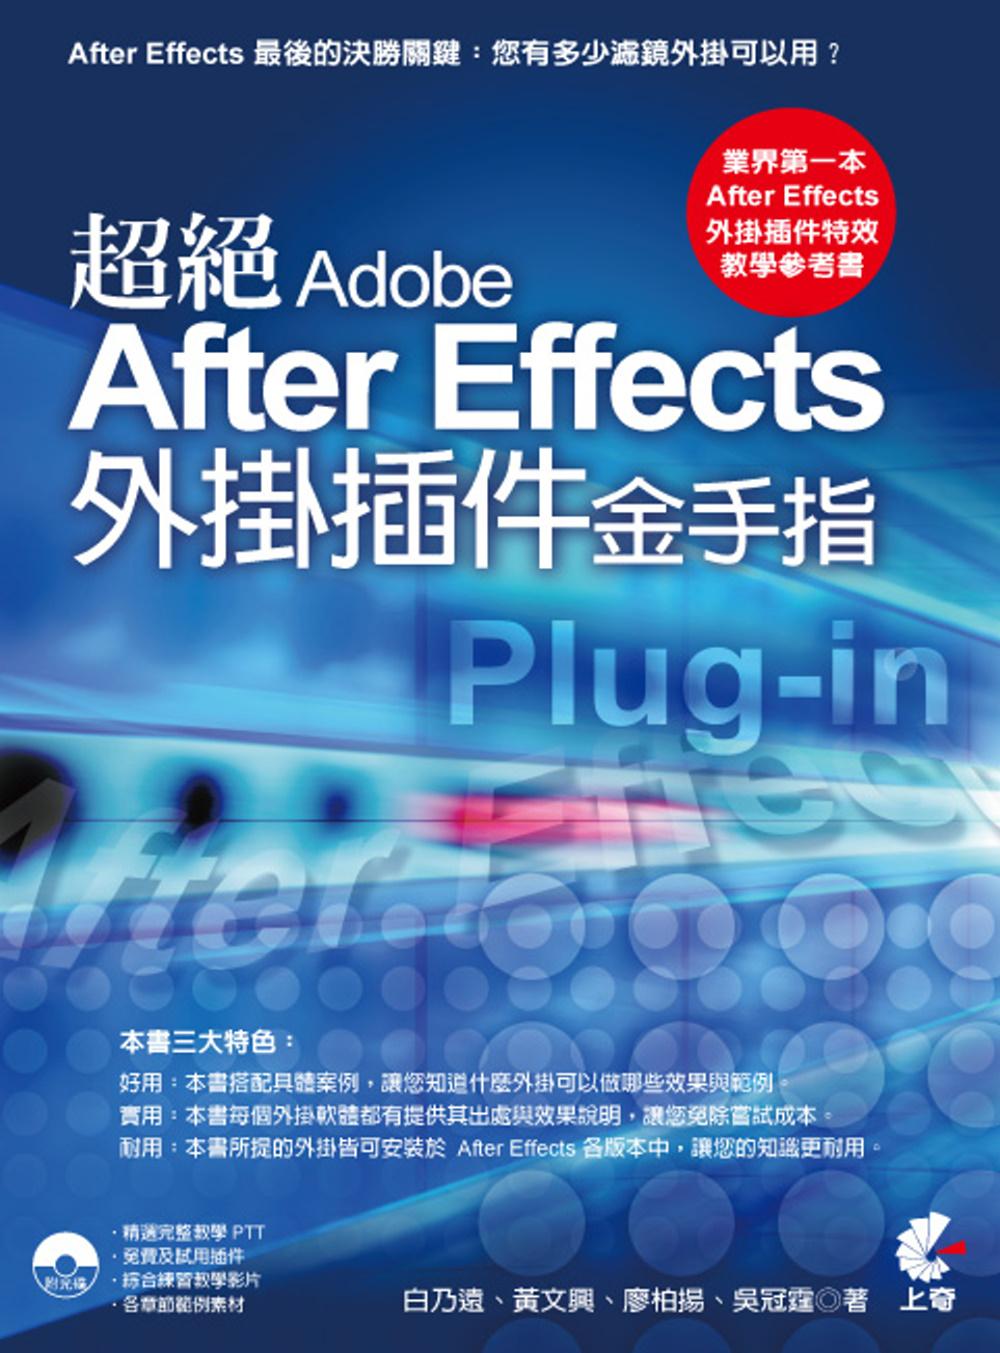 超絕 Adobe After Effects 外掛插件金手指